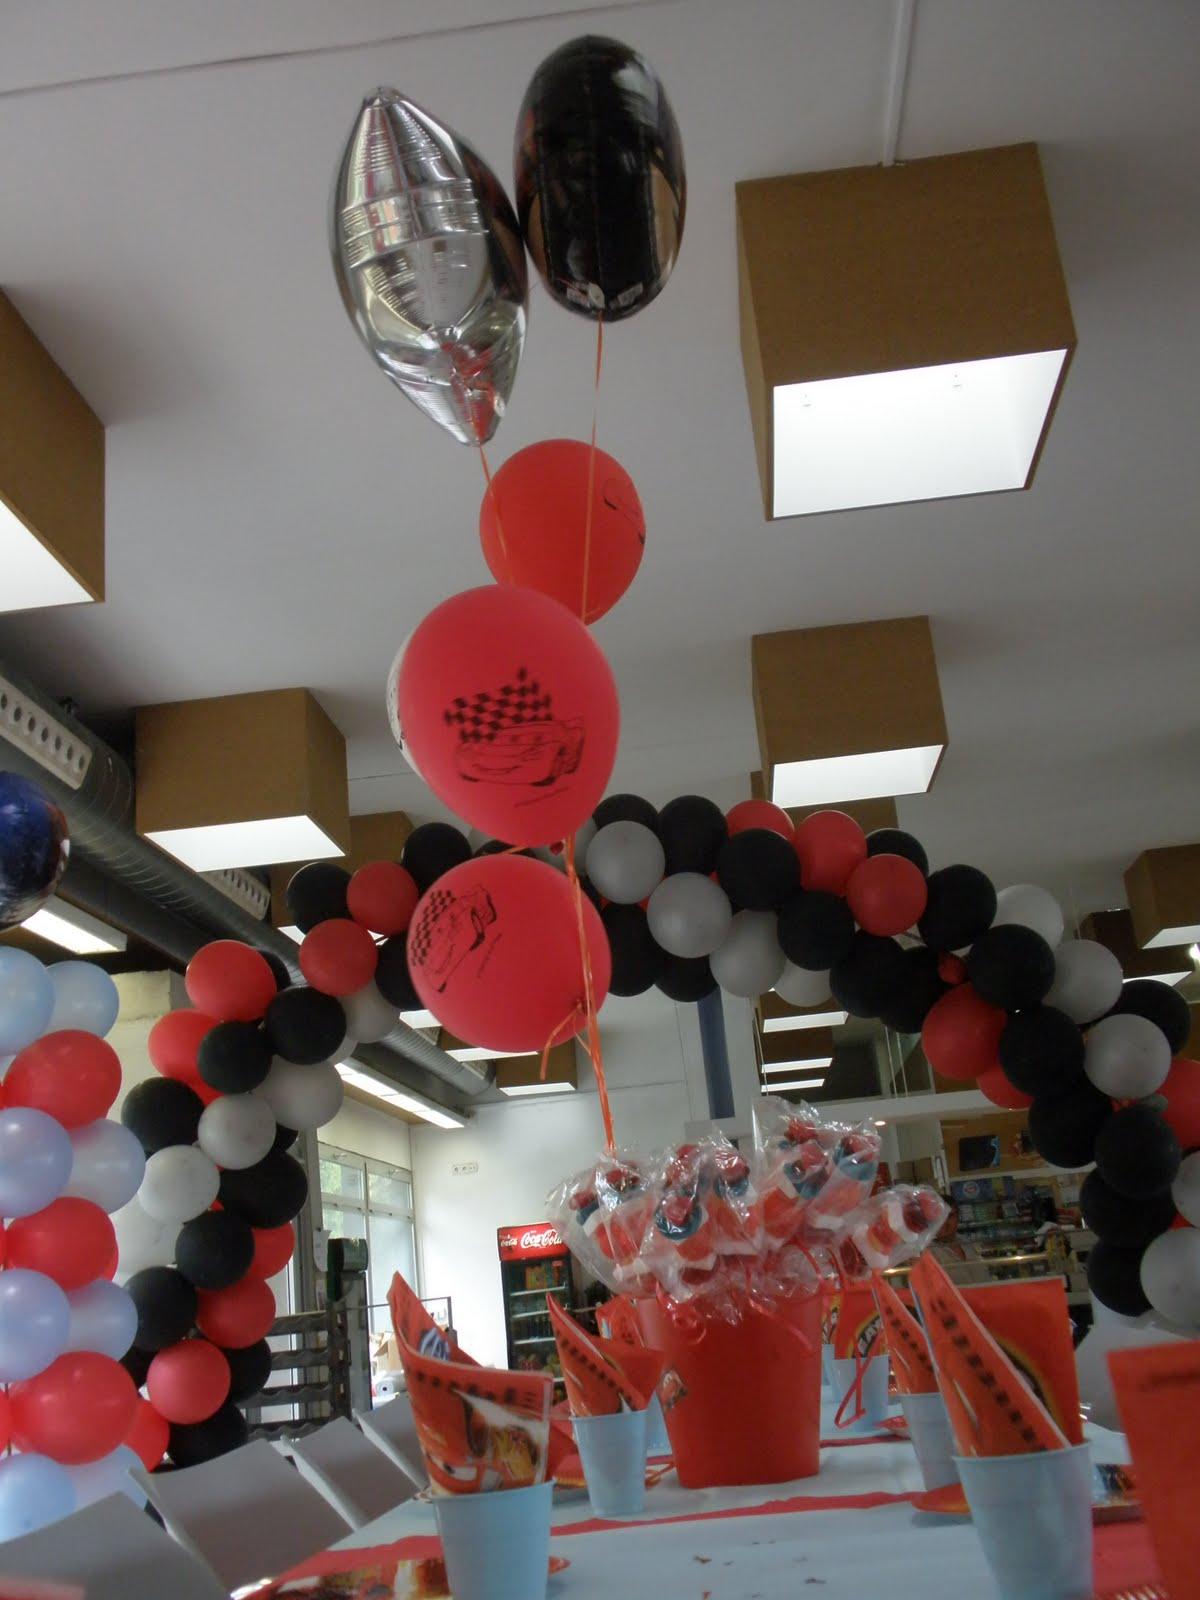 Decoracion para cumplea os de 50 a os 3 quotes links - Decoracion con globos 50 anos ...